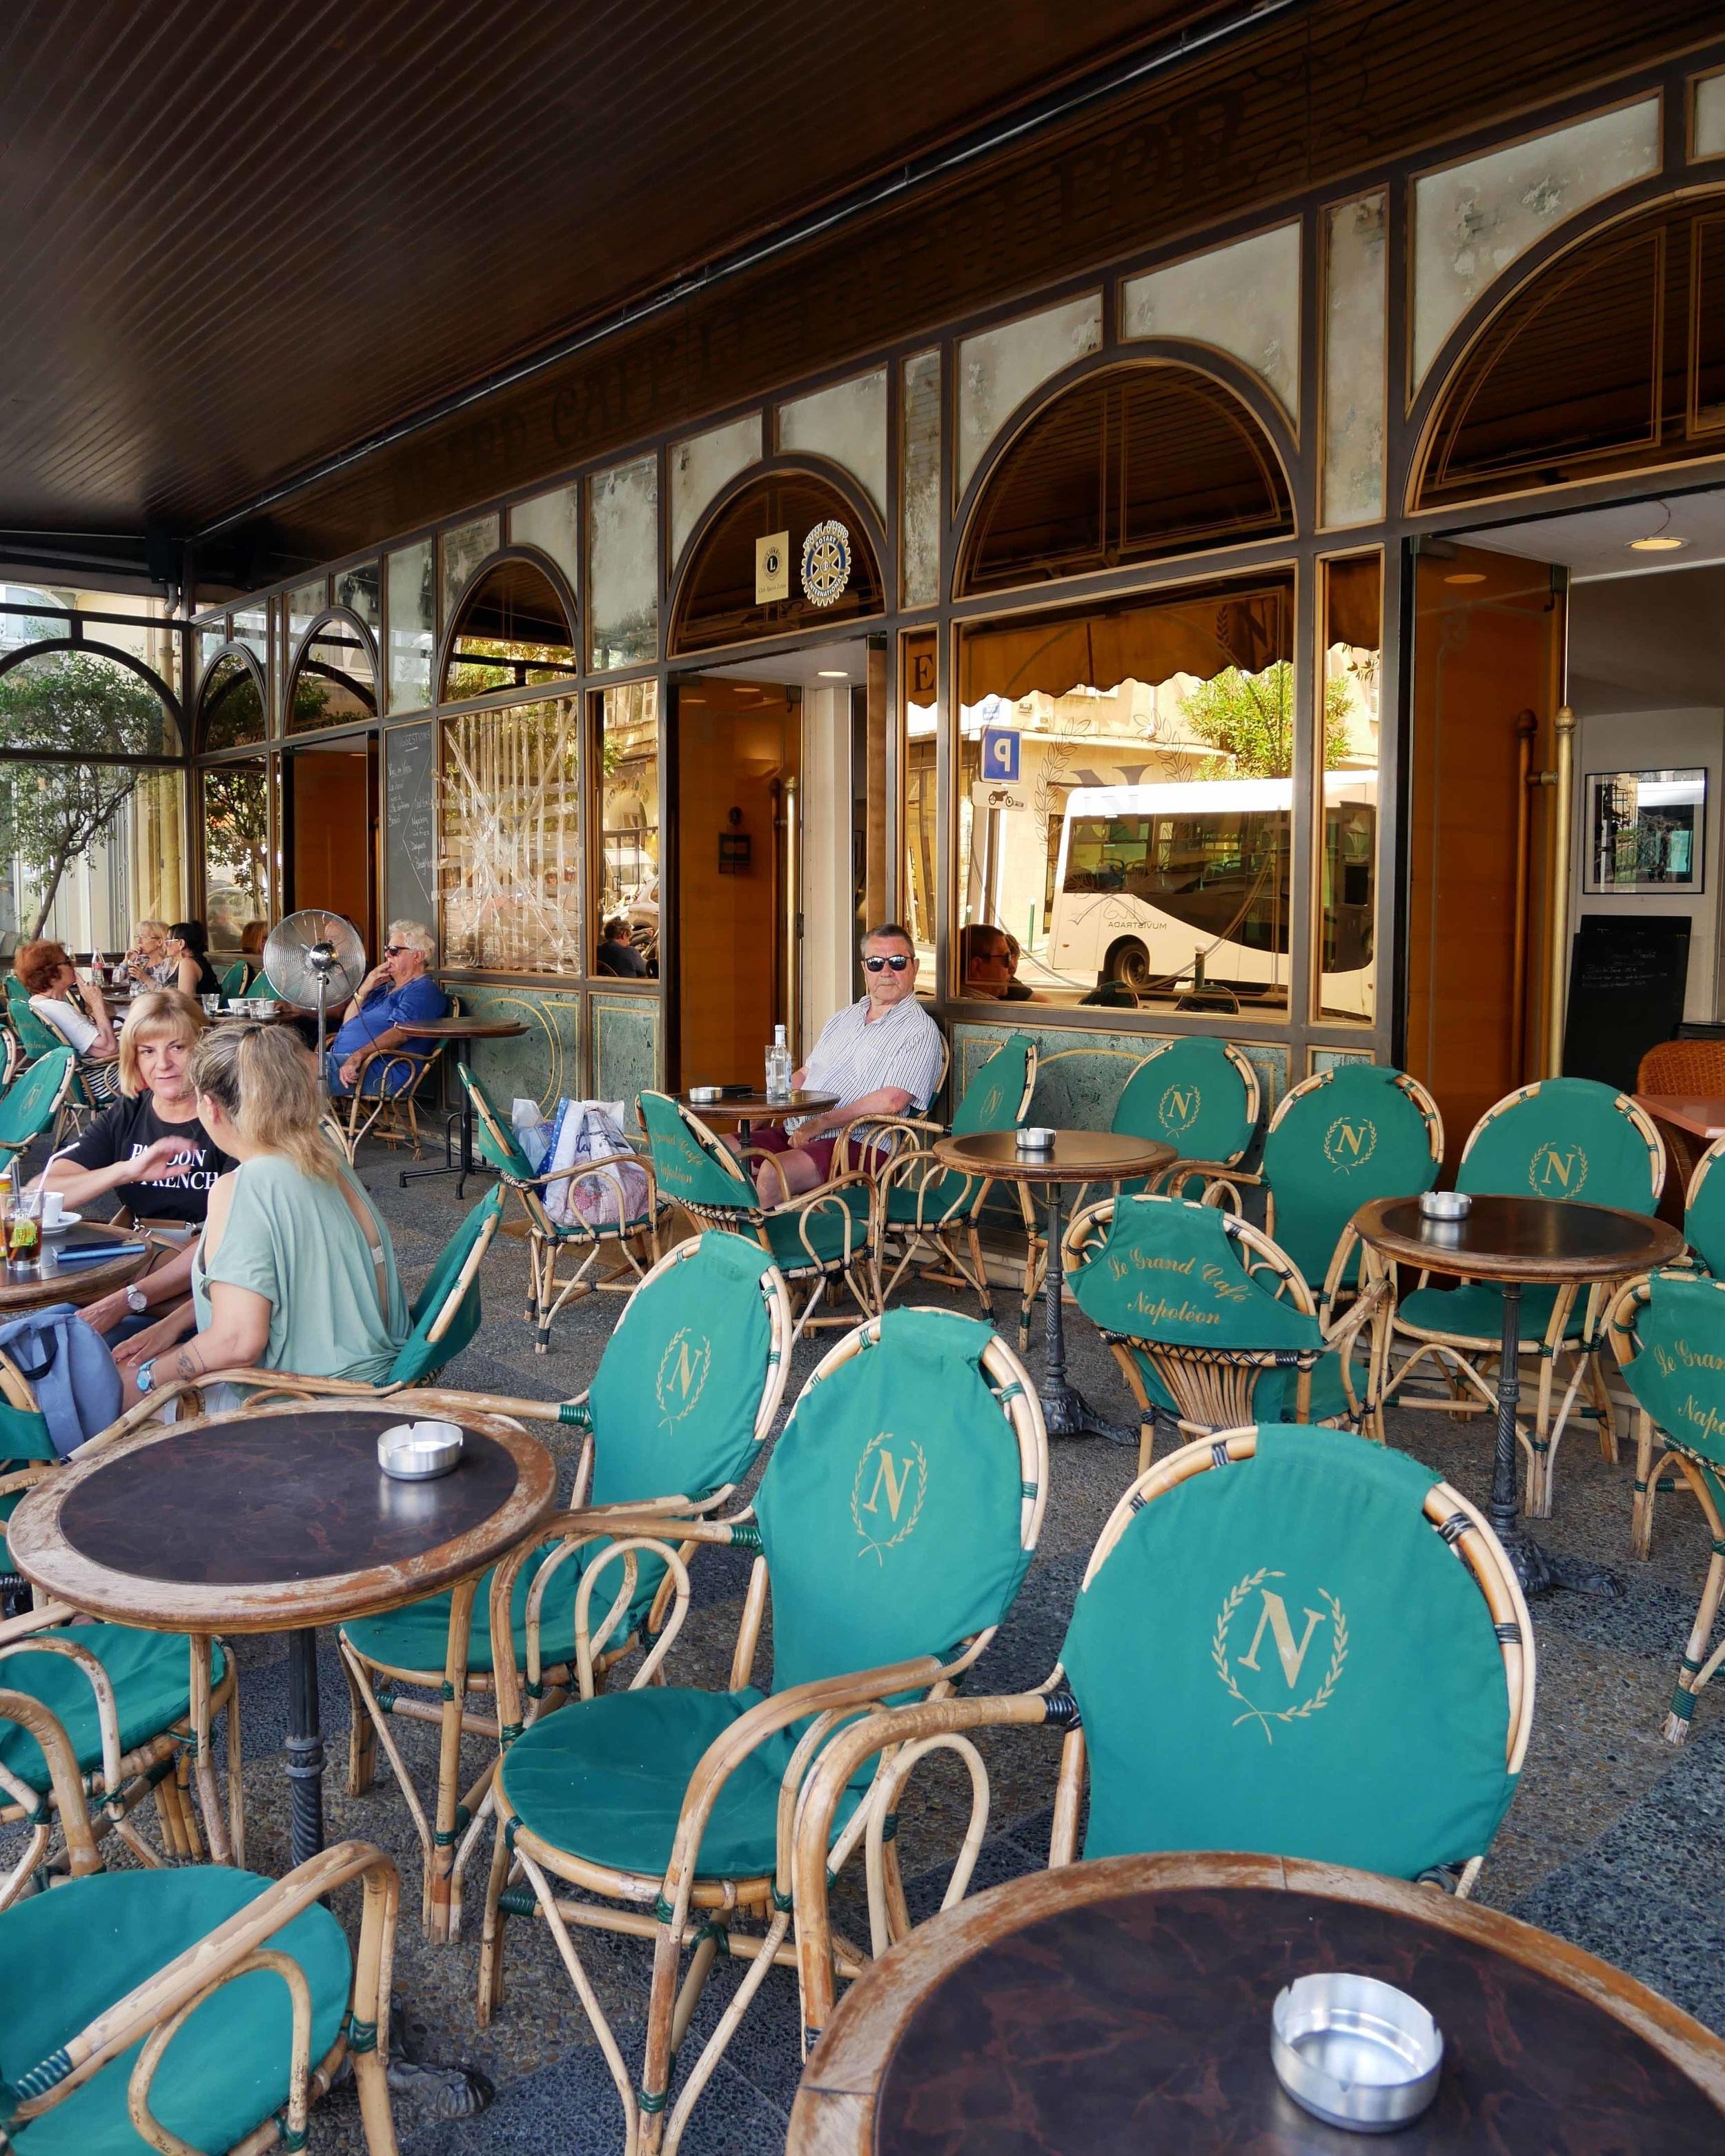 A café in Ajaccio Old Town, Corsica